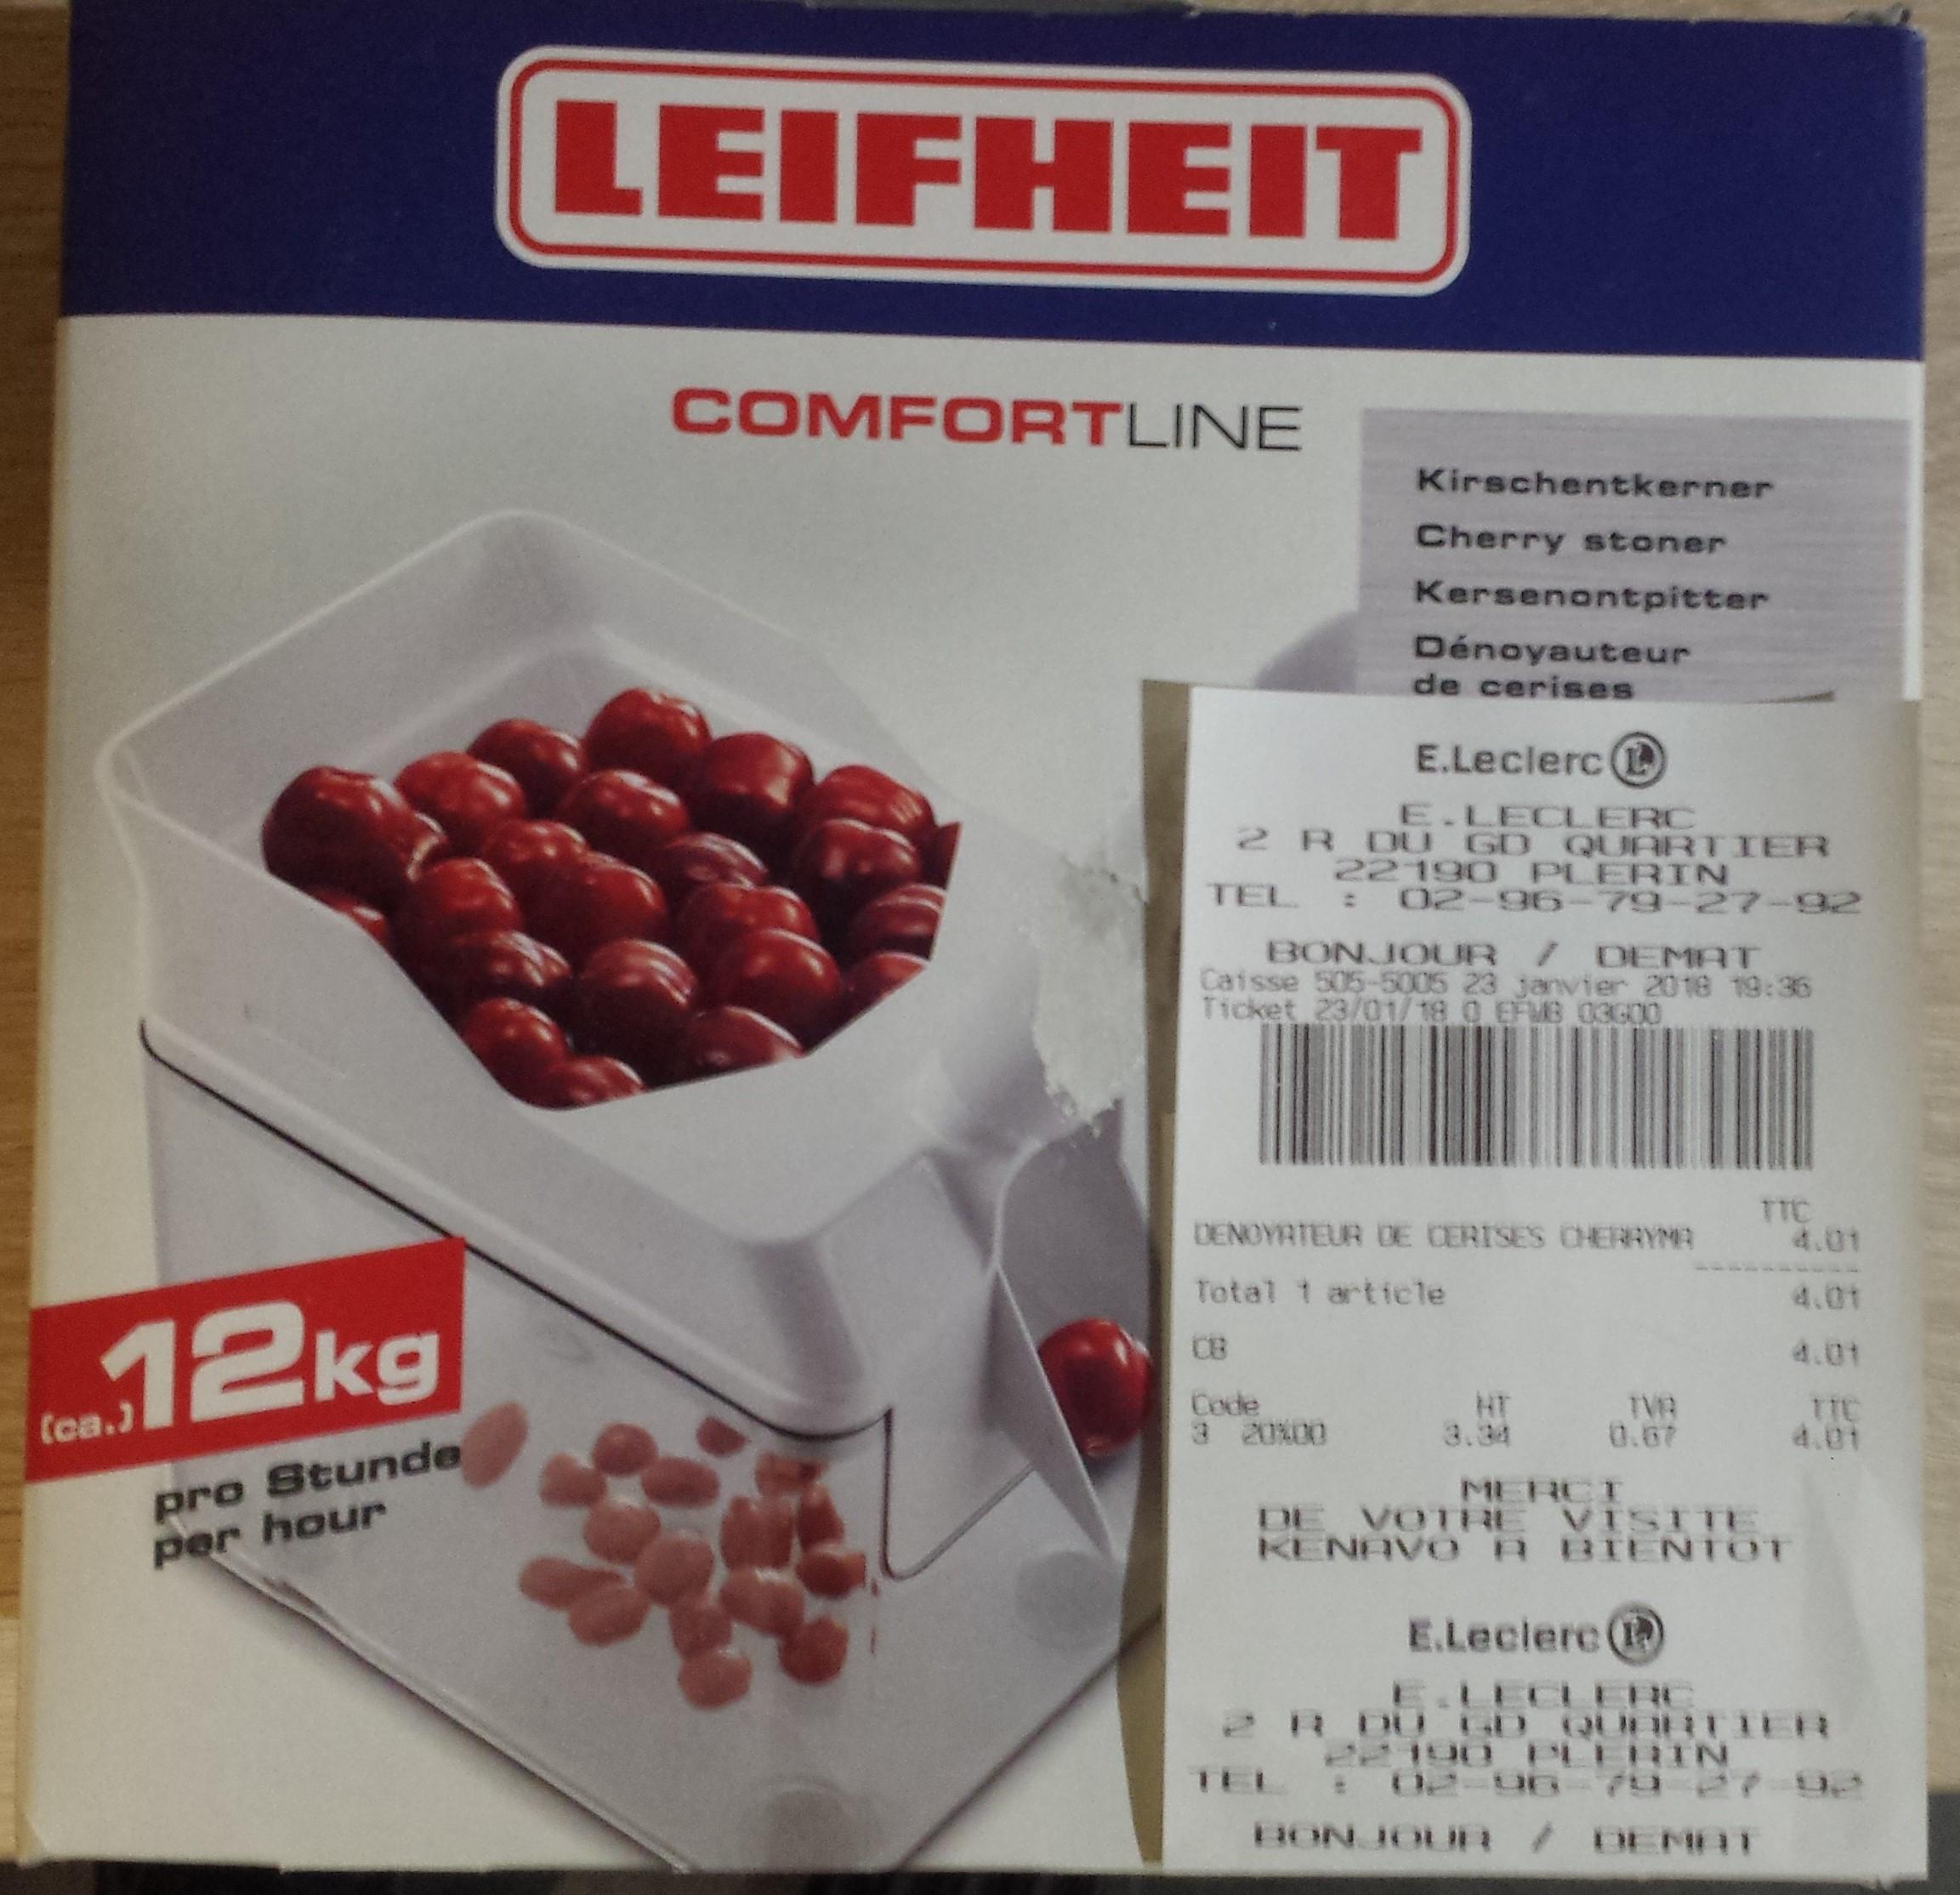 Dénoyauteur de cerises Leifheit Cherrymat - Saint Brieuc (22)